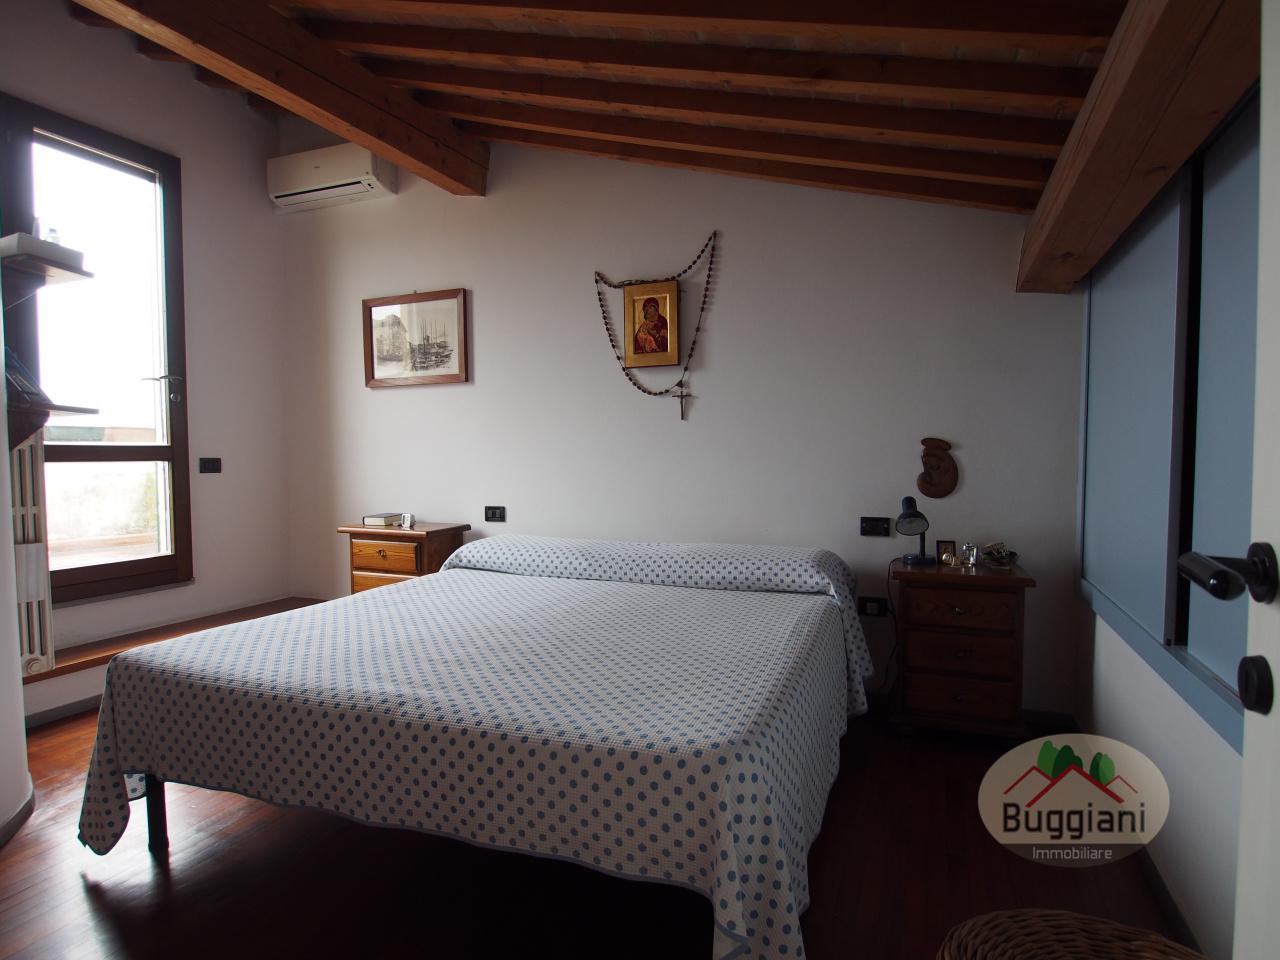 Appartamento in vendita RIF. 1817, San Miniato (PI)